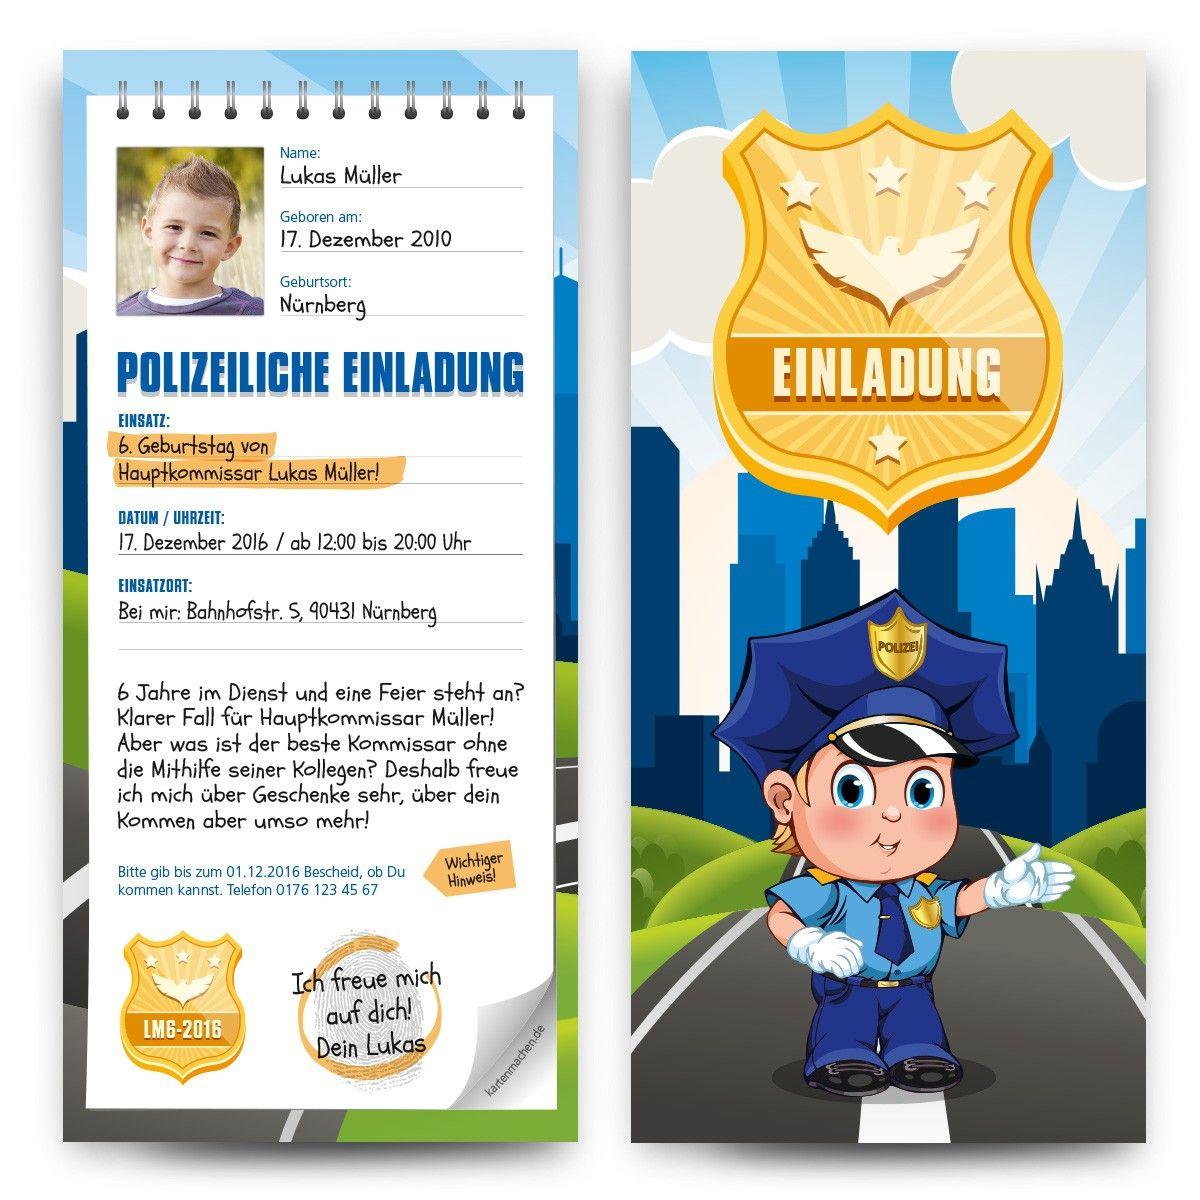 Einladungskarte Geburtstag Einladungskarte Geburtstag: Einladungskarten Zum Kindergeburtstag Als Polizei